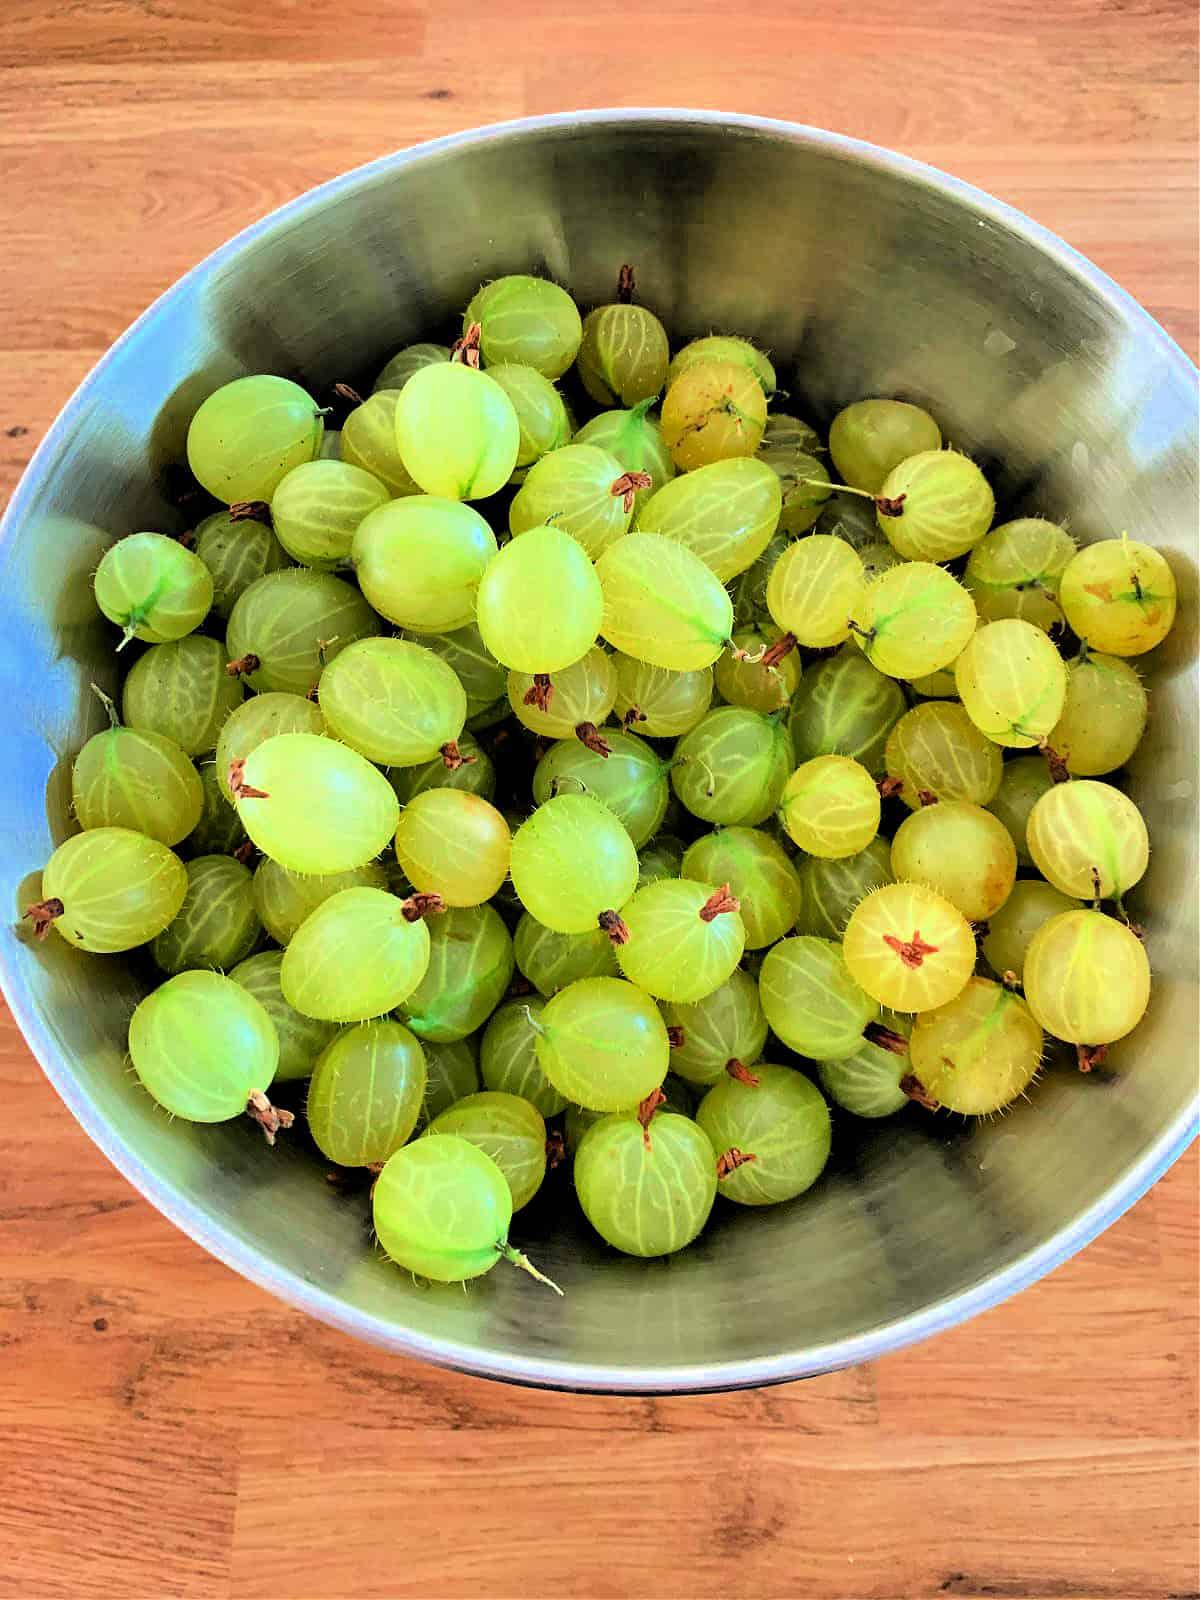 Gooseberries in a metal bowl.